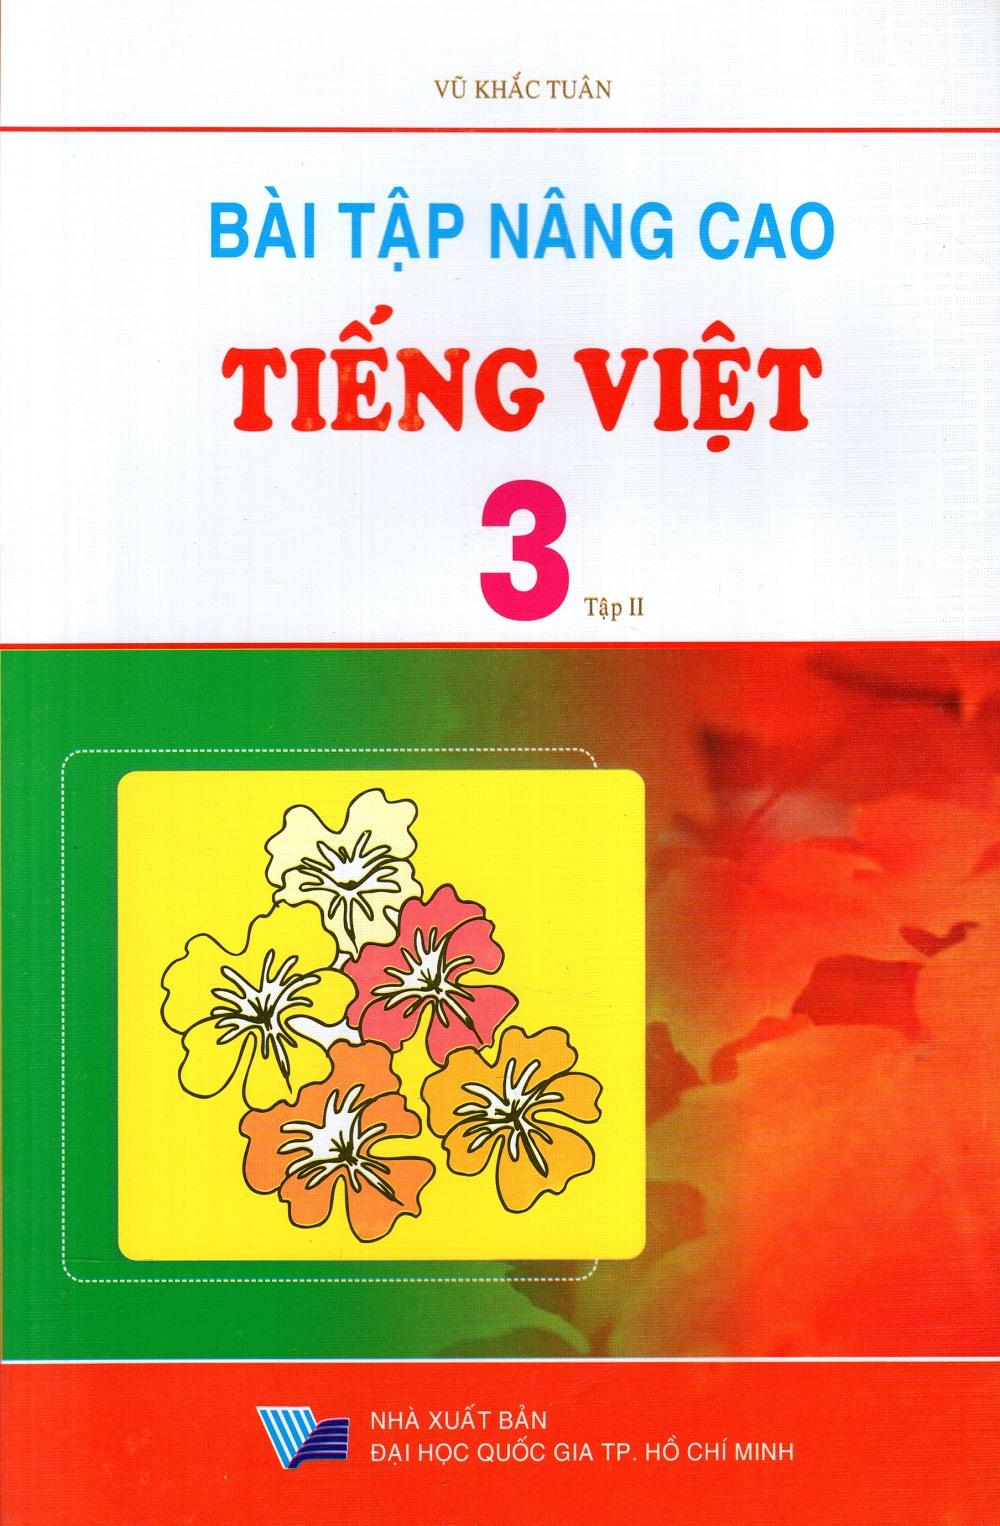 Bìa sách Bài Tập Nâng Cao Tiếng Việt Lớp 3 (Tập 2)